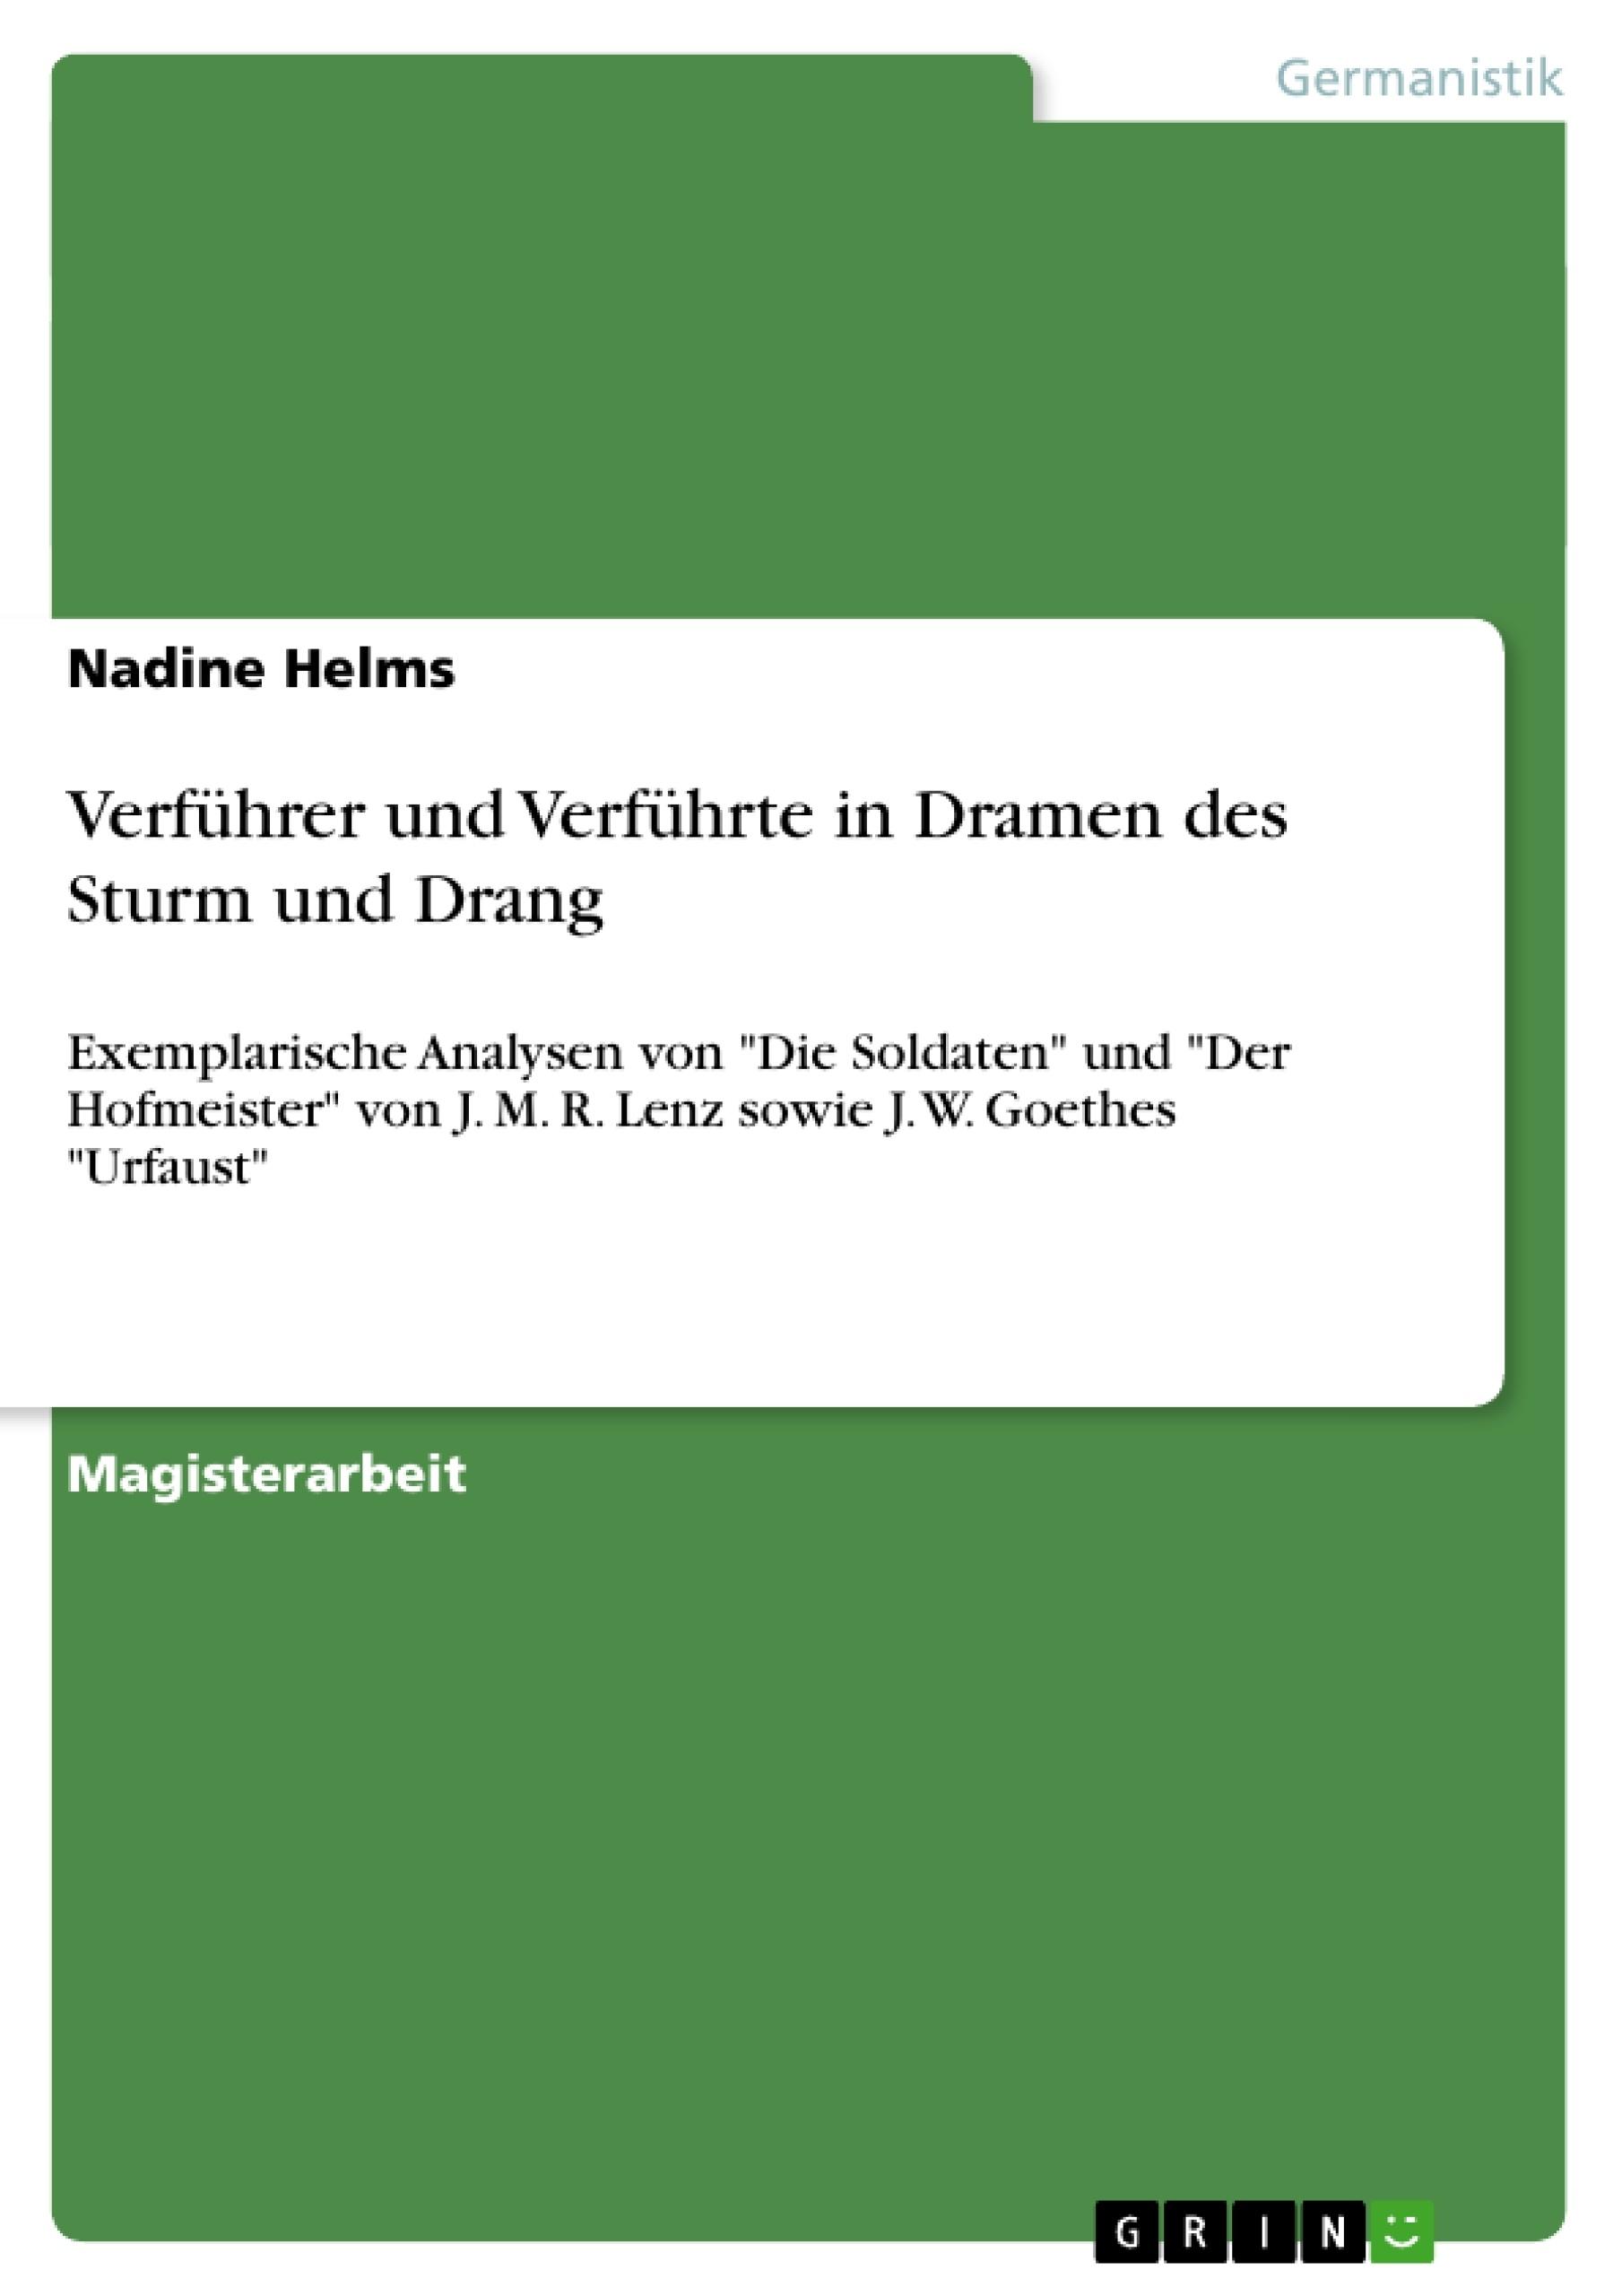 Titel: Verführer und Verführte in Dramen des Sturm und Drang